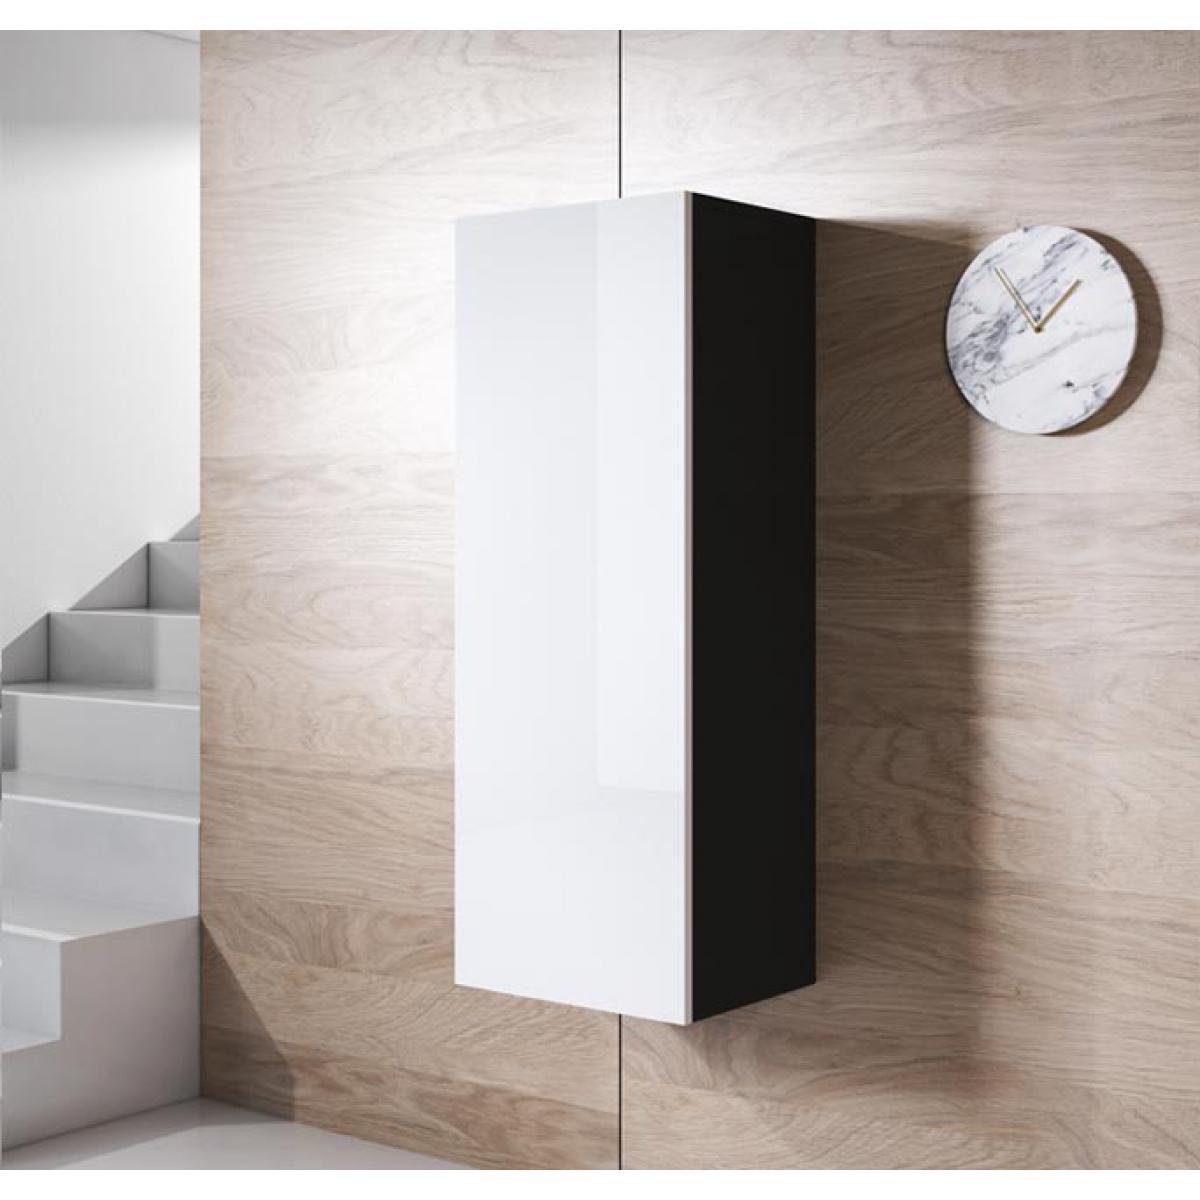 Design Ameublement Armoire mural modèle Luke V1 (40x126cm) couleur noir et blanc